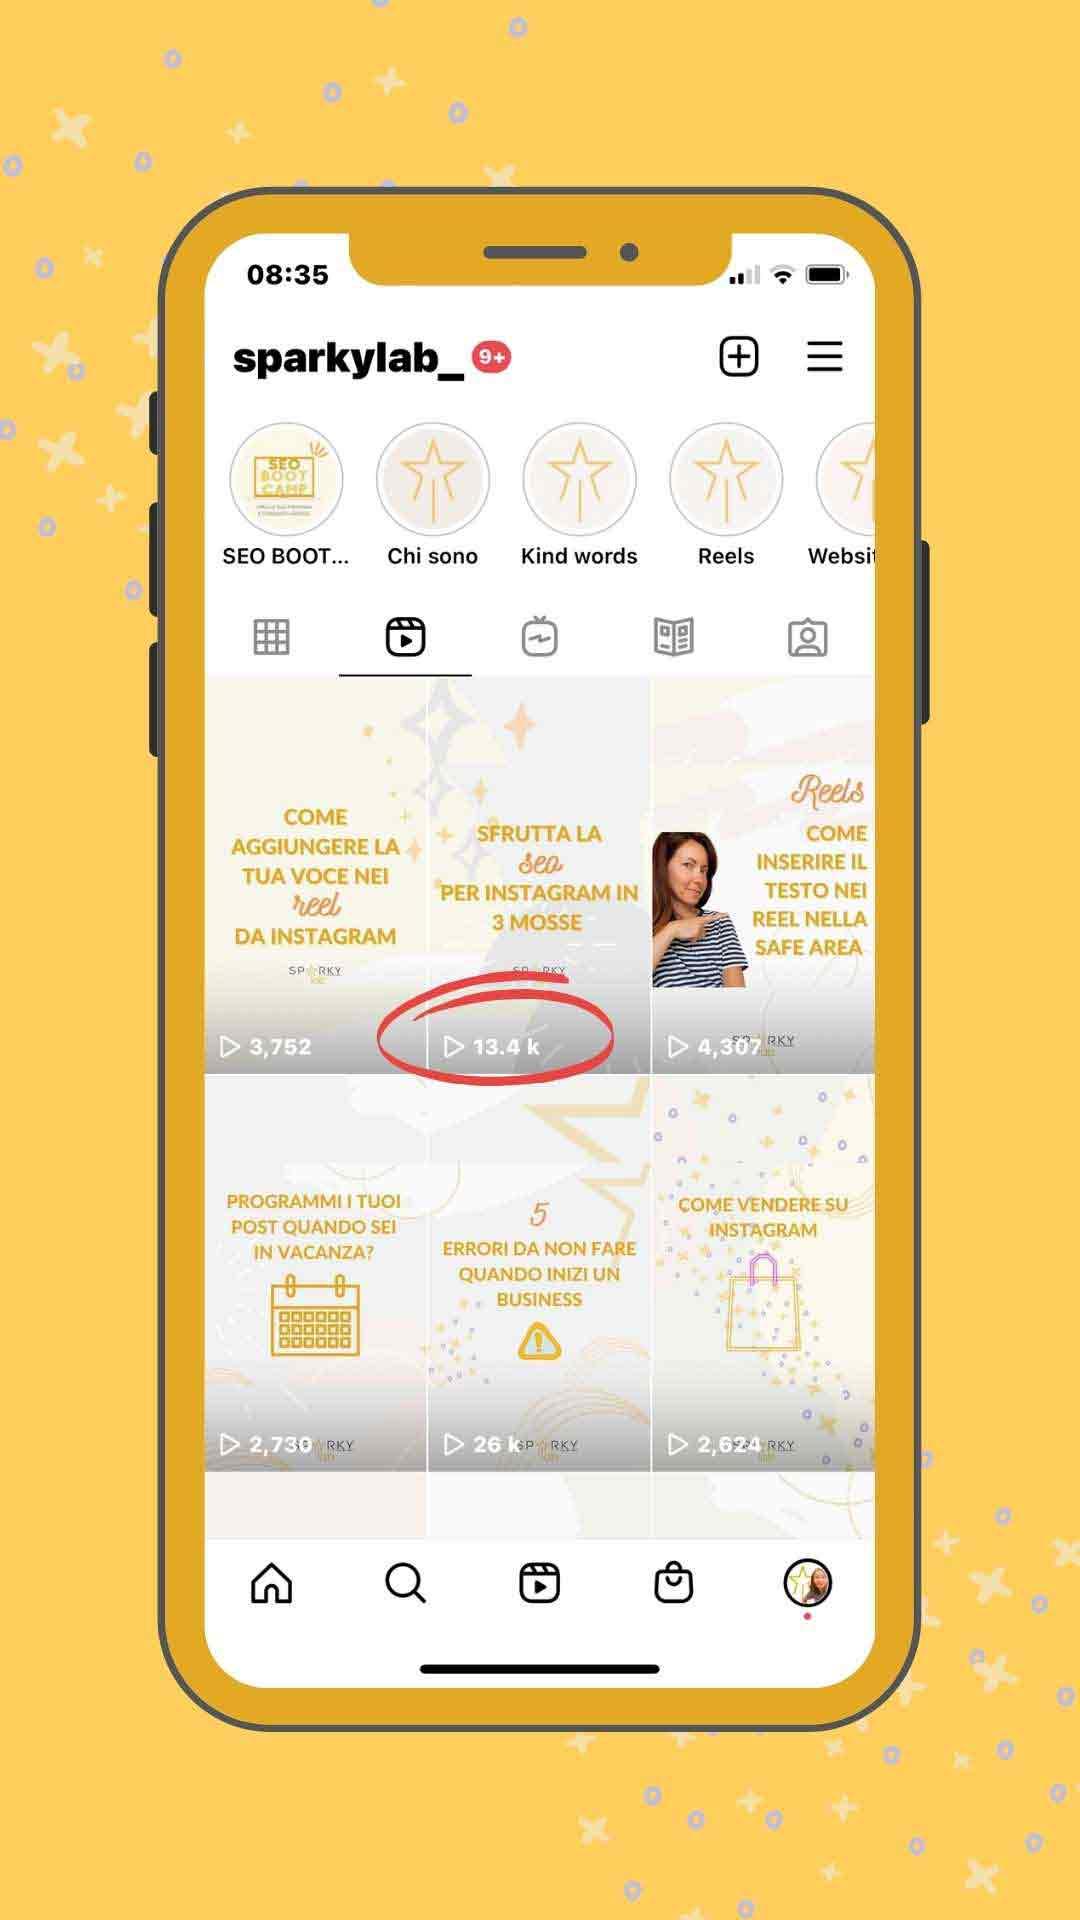 schermo di un iphone con dei dati su engagement post